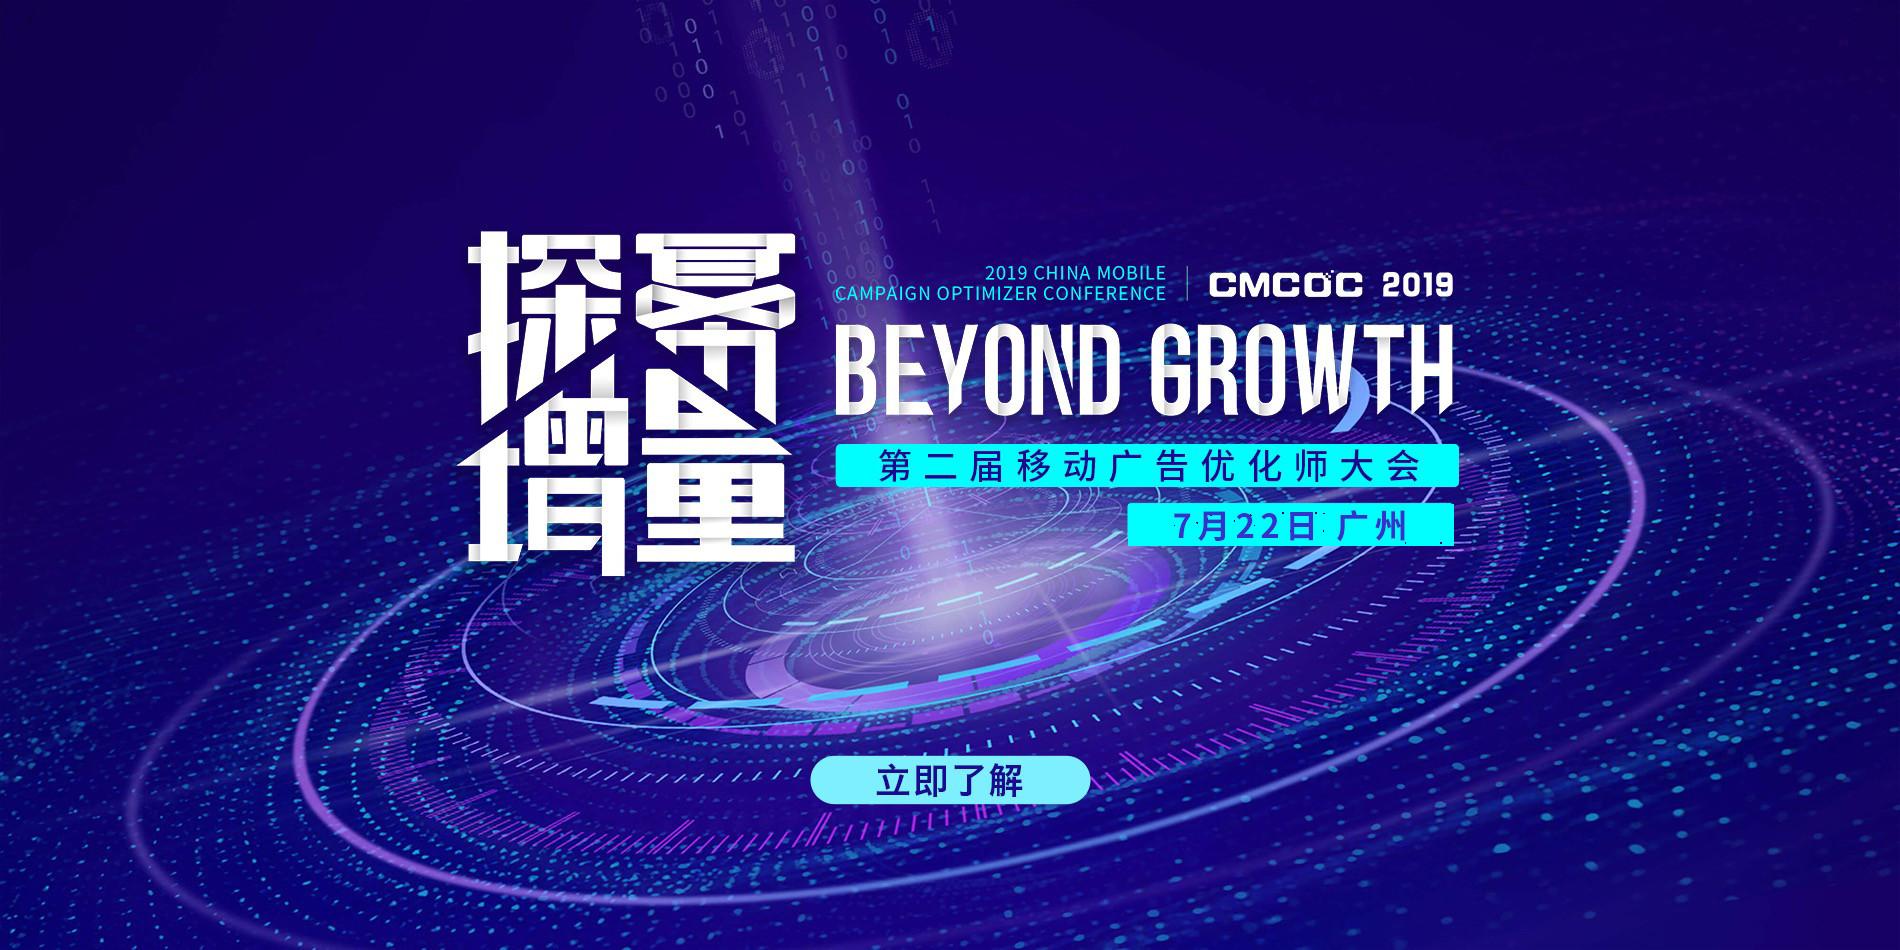 2019移动广告优化师大会「解读营销推广与用户增长」(广州)